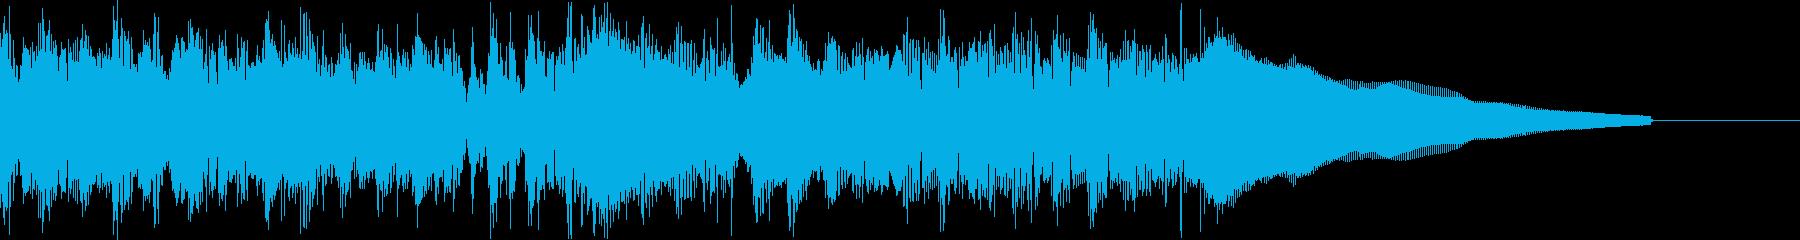 カントリー風ギターイントロ−07Aの再生済みの波形